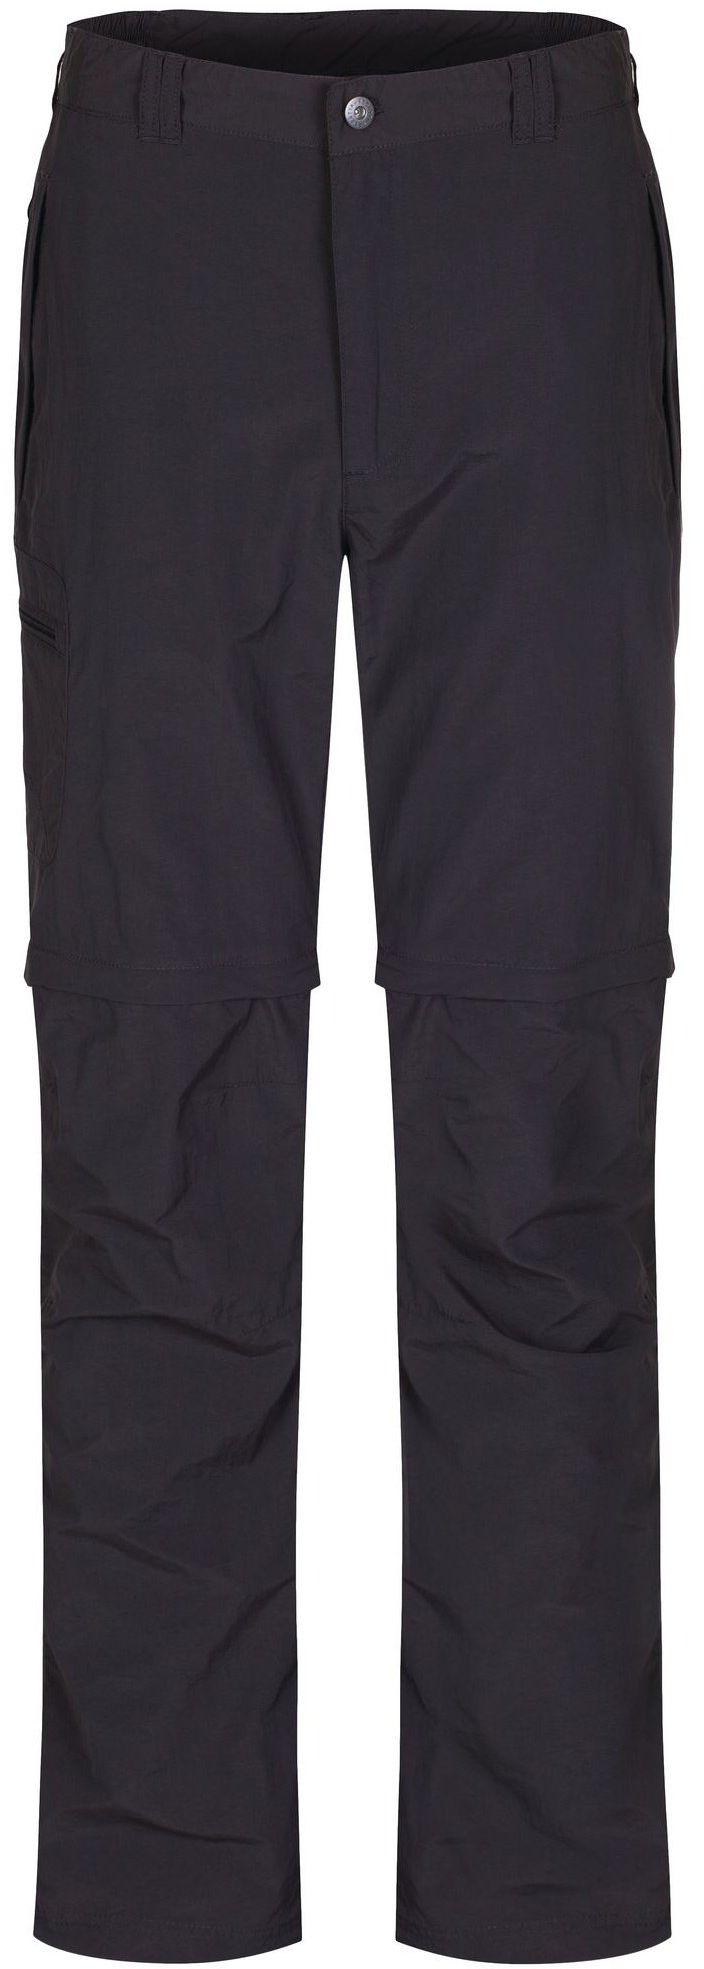 Regatta Leesville spodnie męskie z odpinanymi nogawkami szary popielaty 30